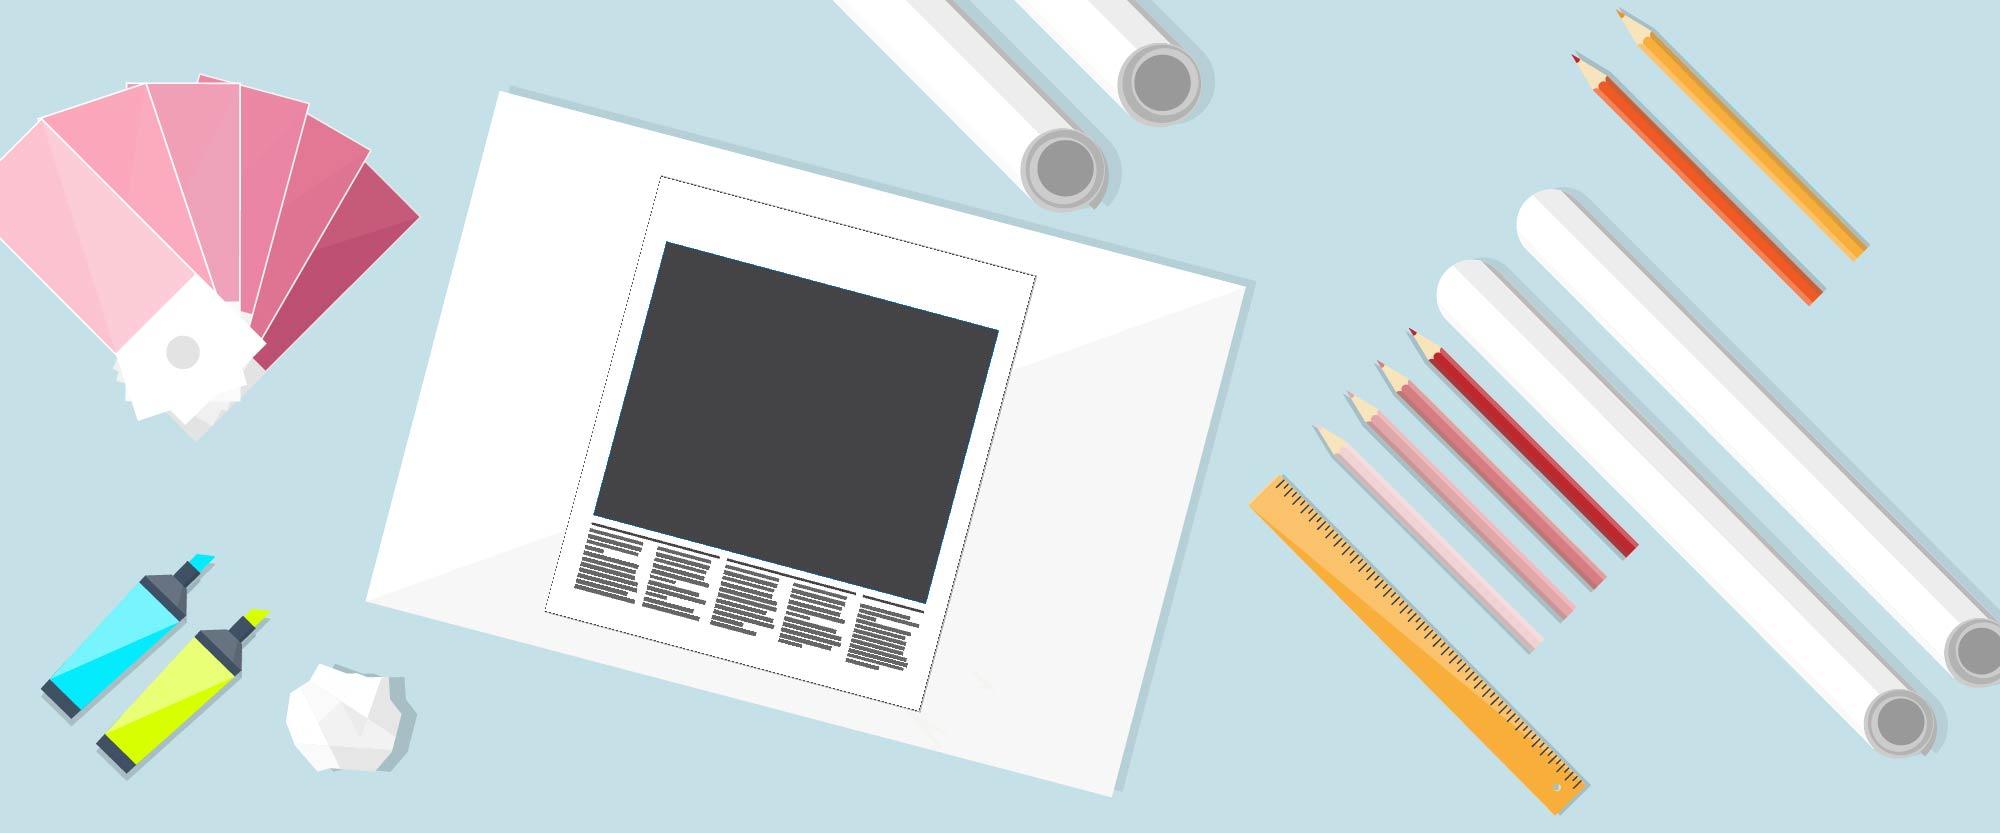 Onlinekurs Lyckas med grafisk design